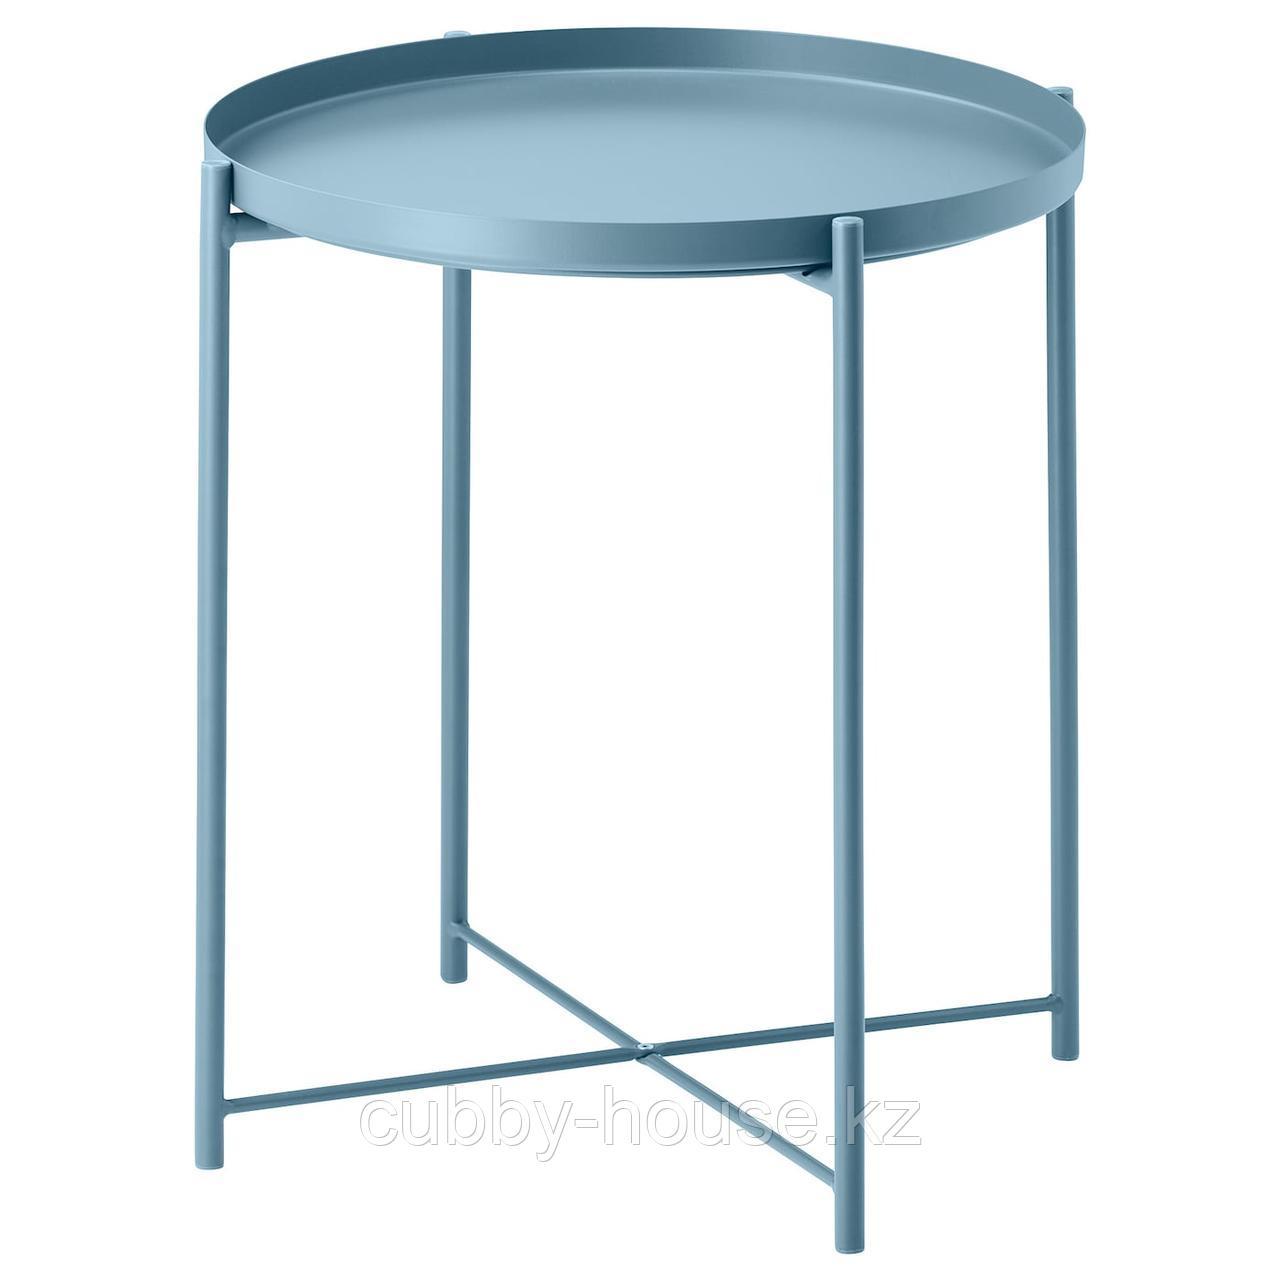 ГЛАДОМ Стол сервировочный, черный, 45x53 см